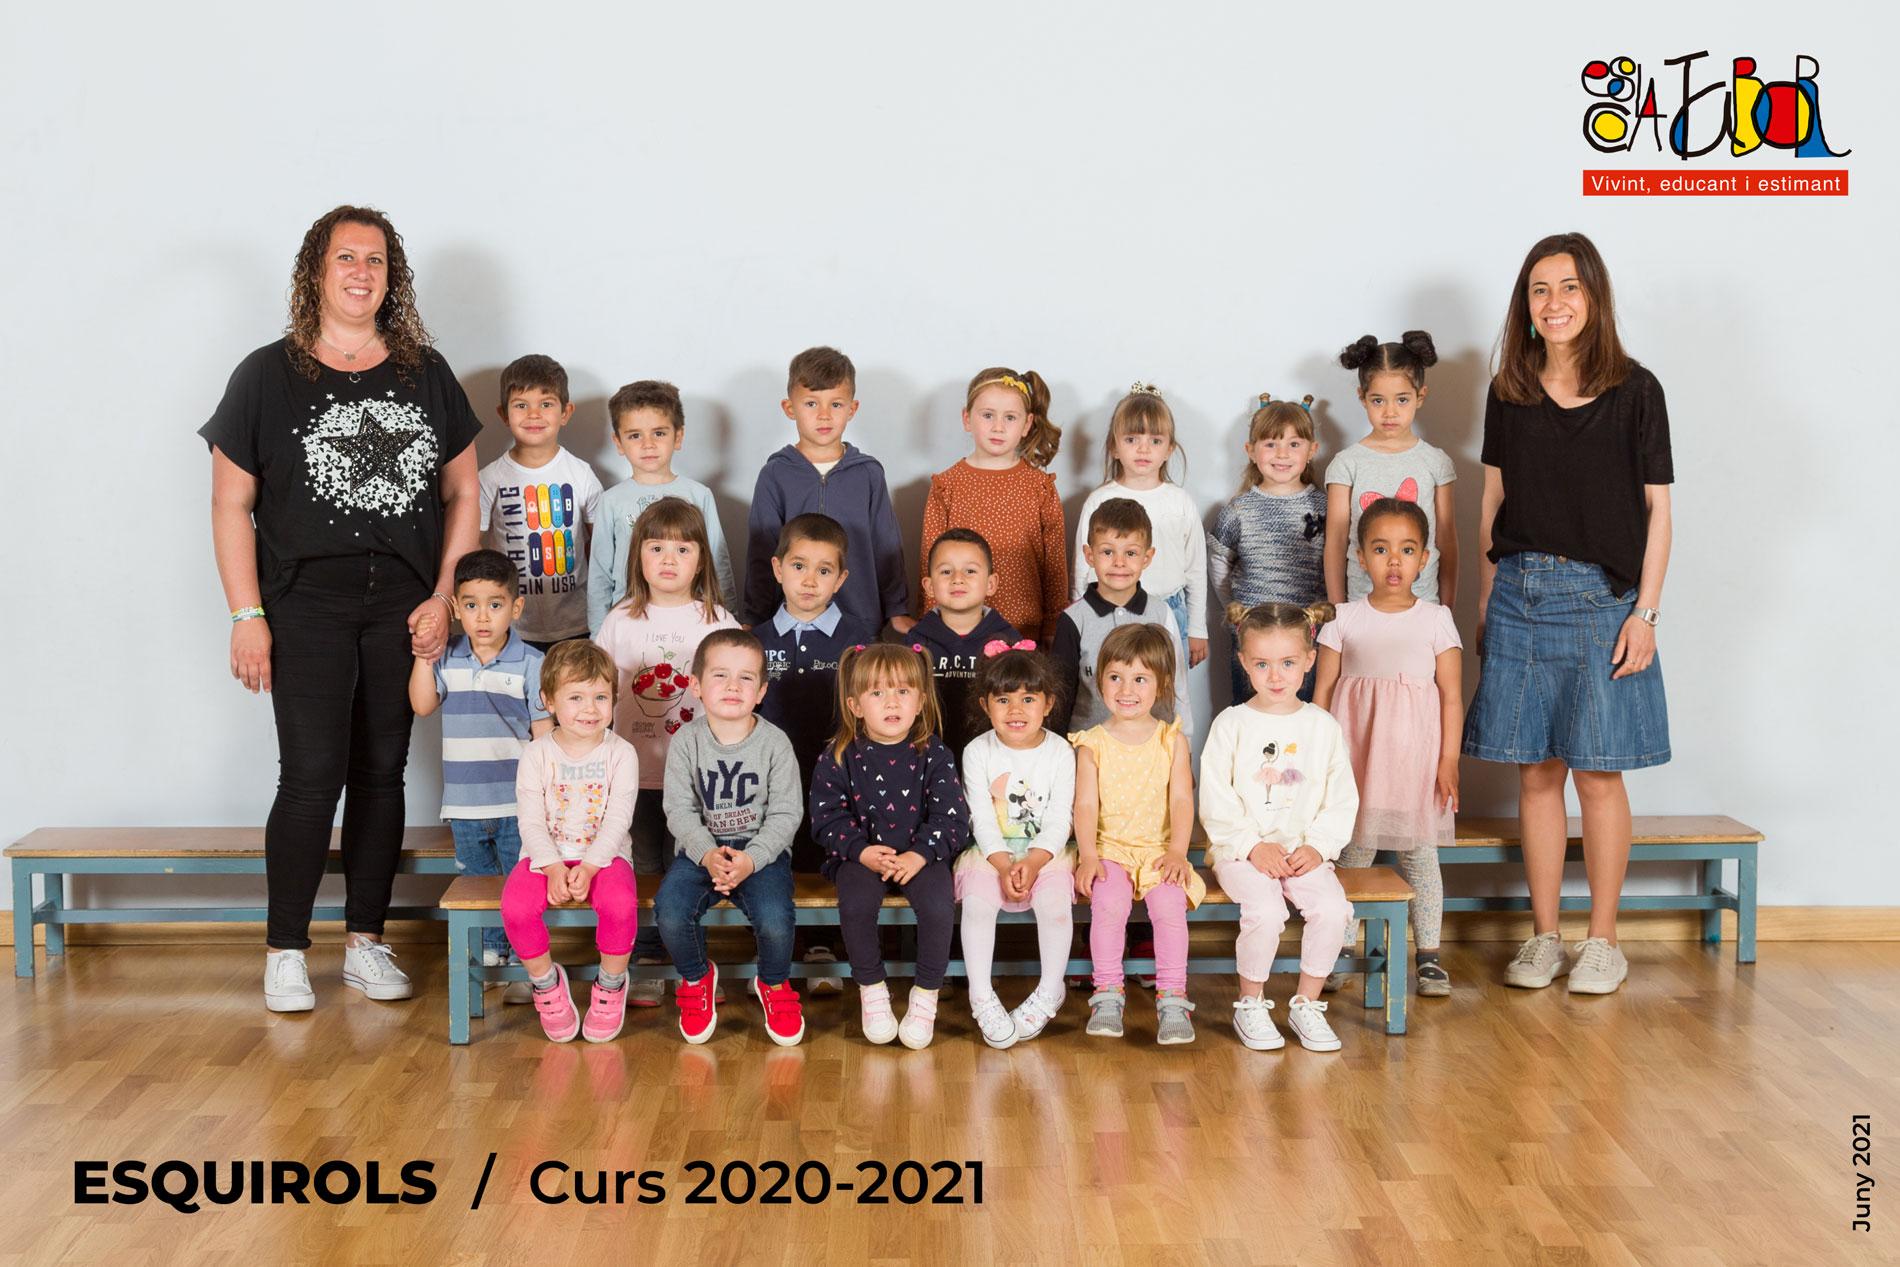 Fotos Fi de curs 2020-2021